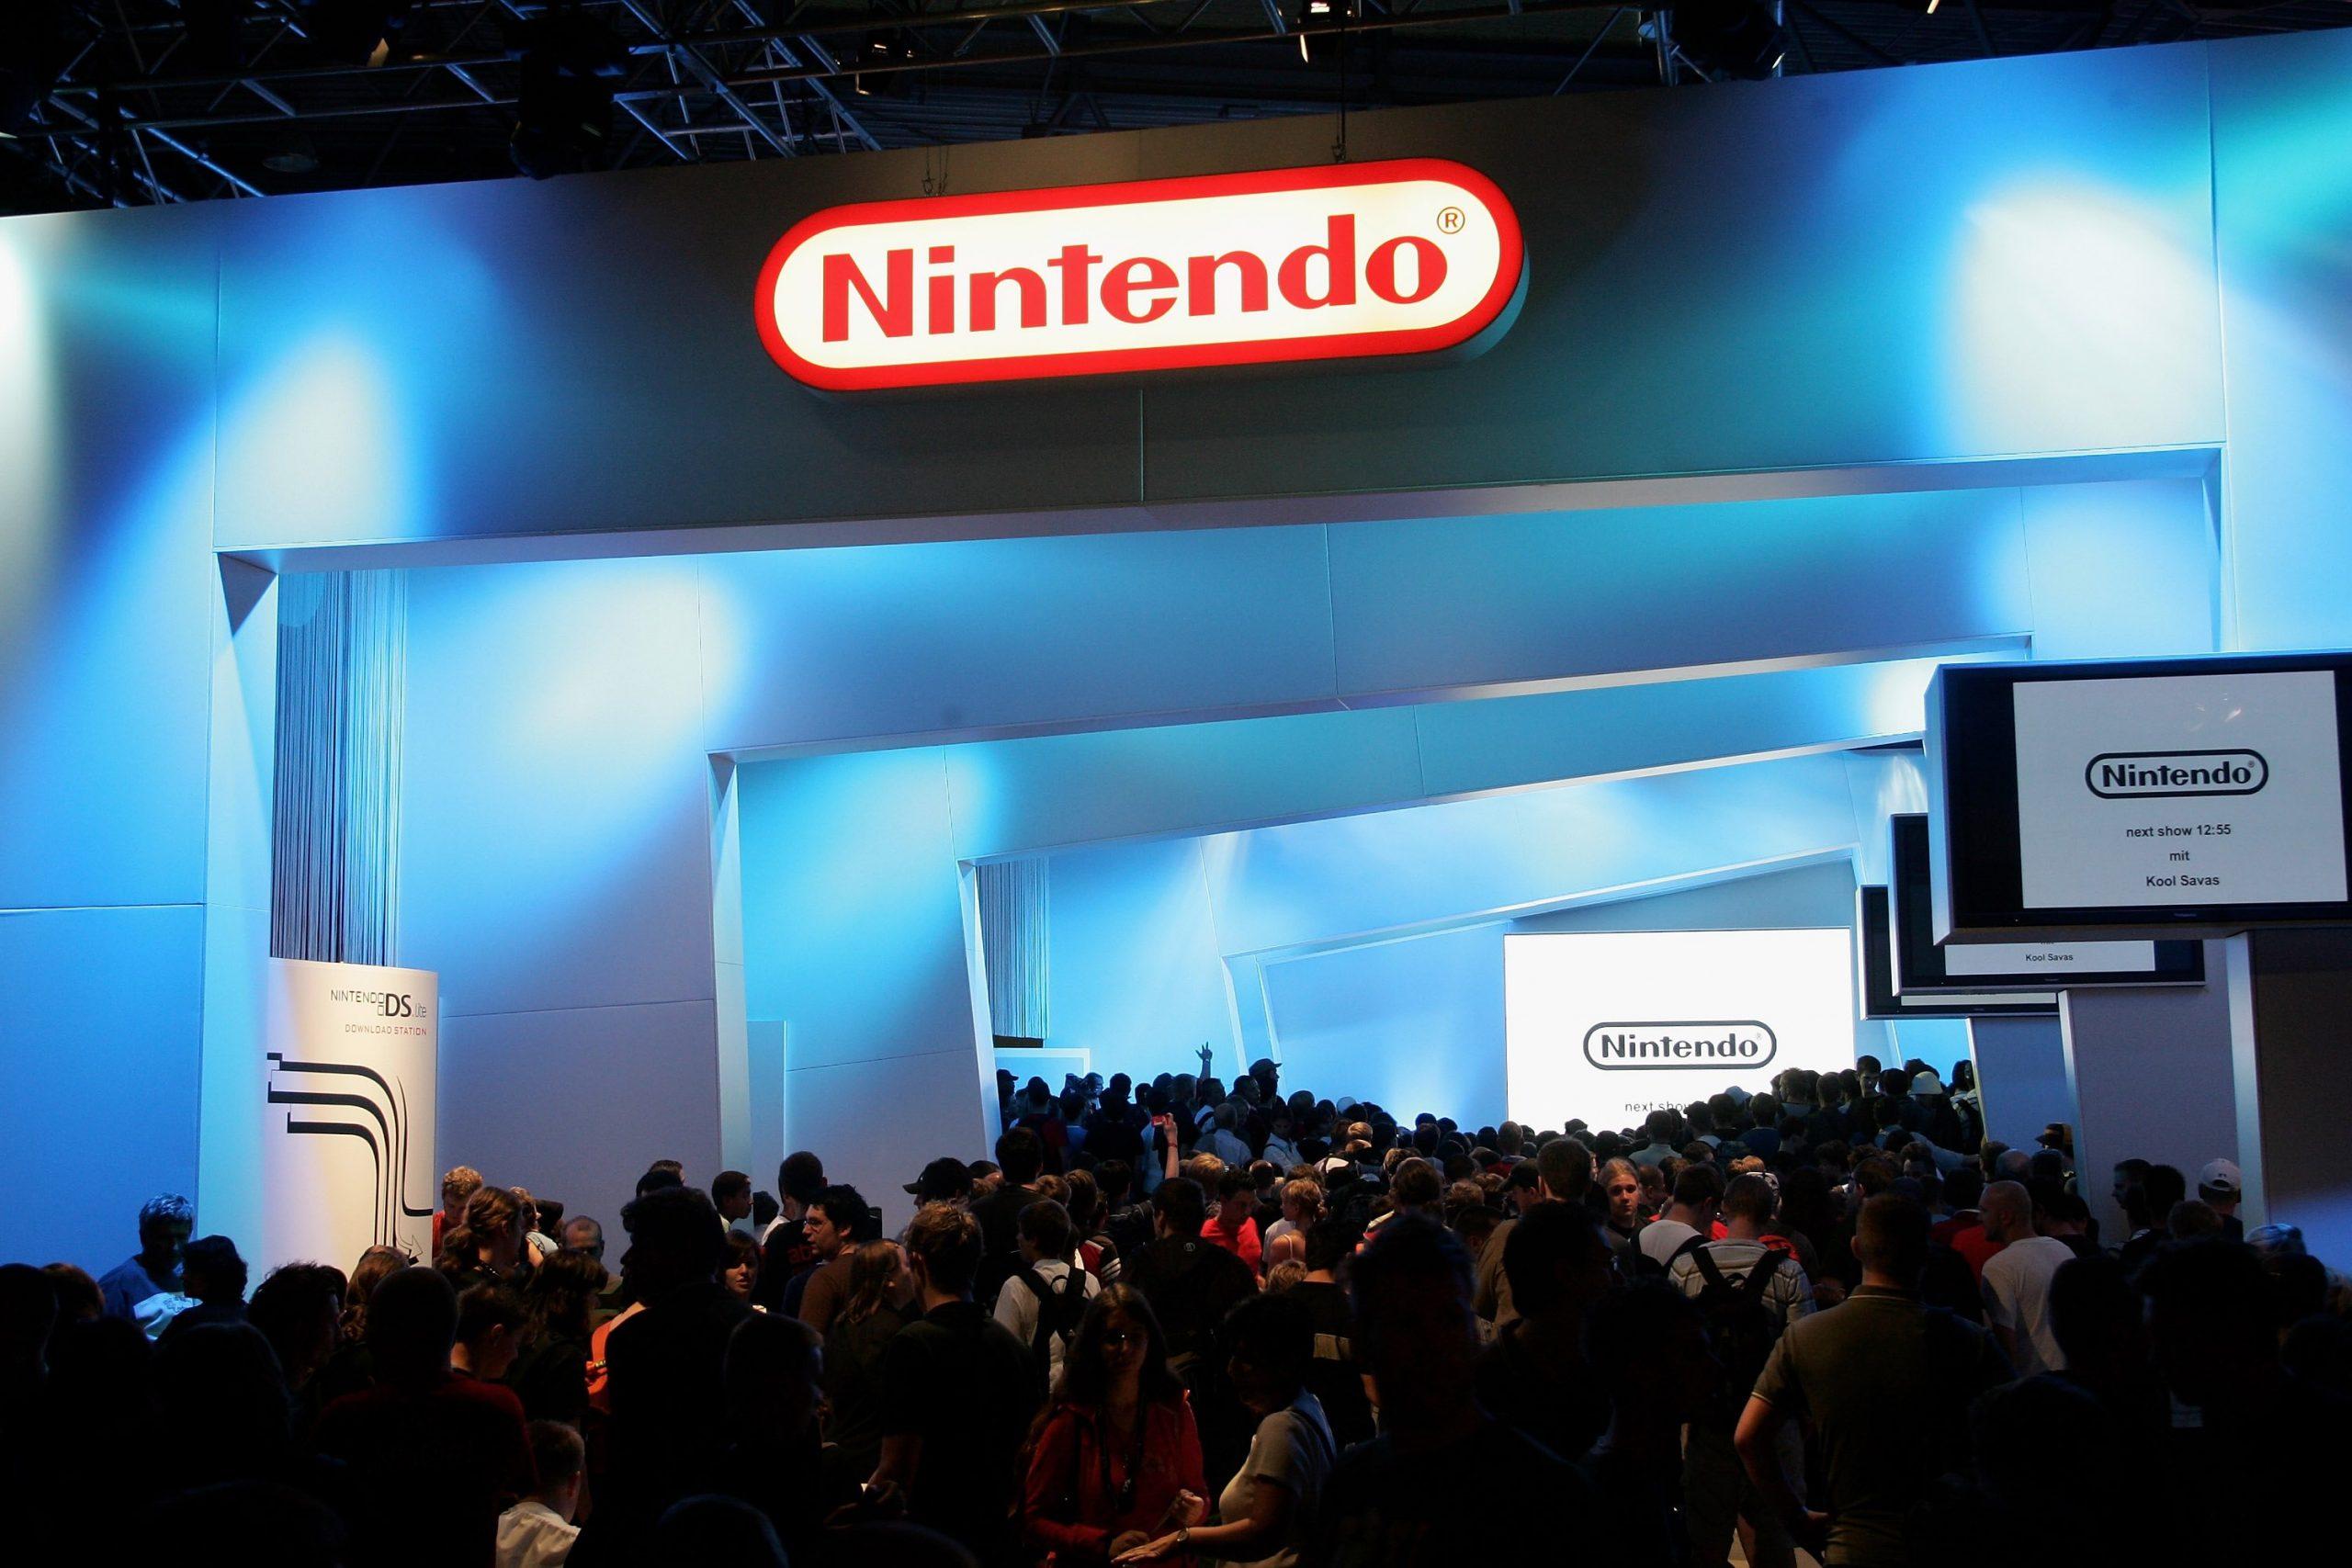 ¡Nerdgasmo! Nintendo abrirá un museo en Japón para conocer su historia